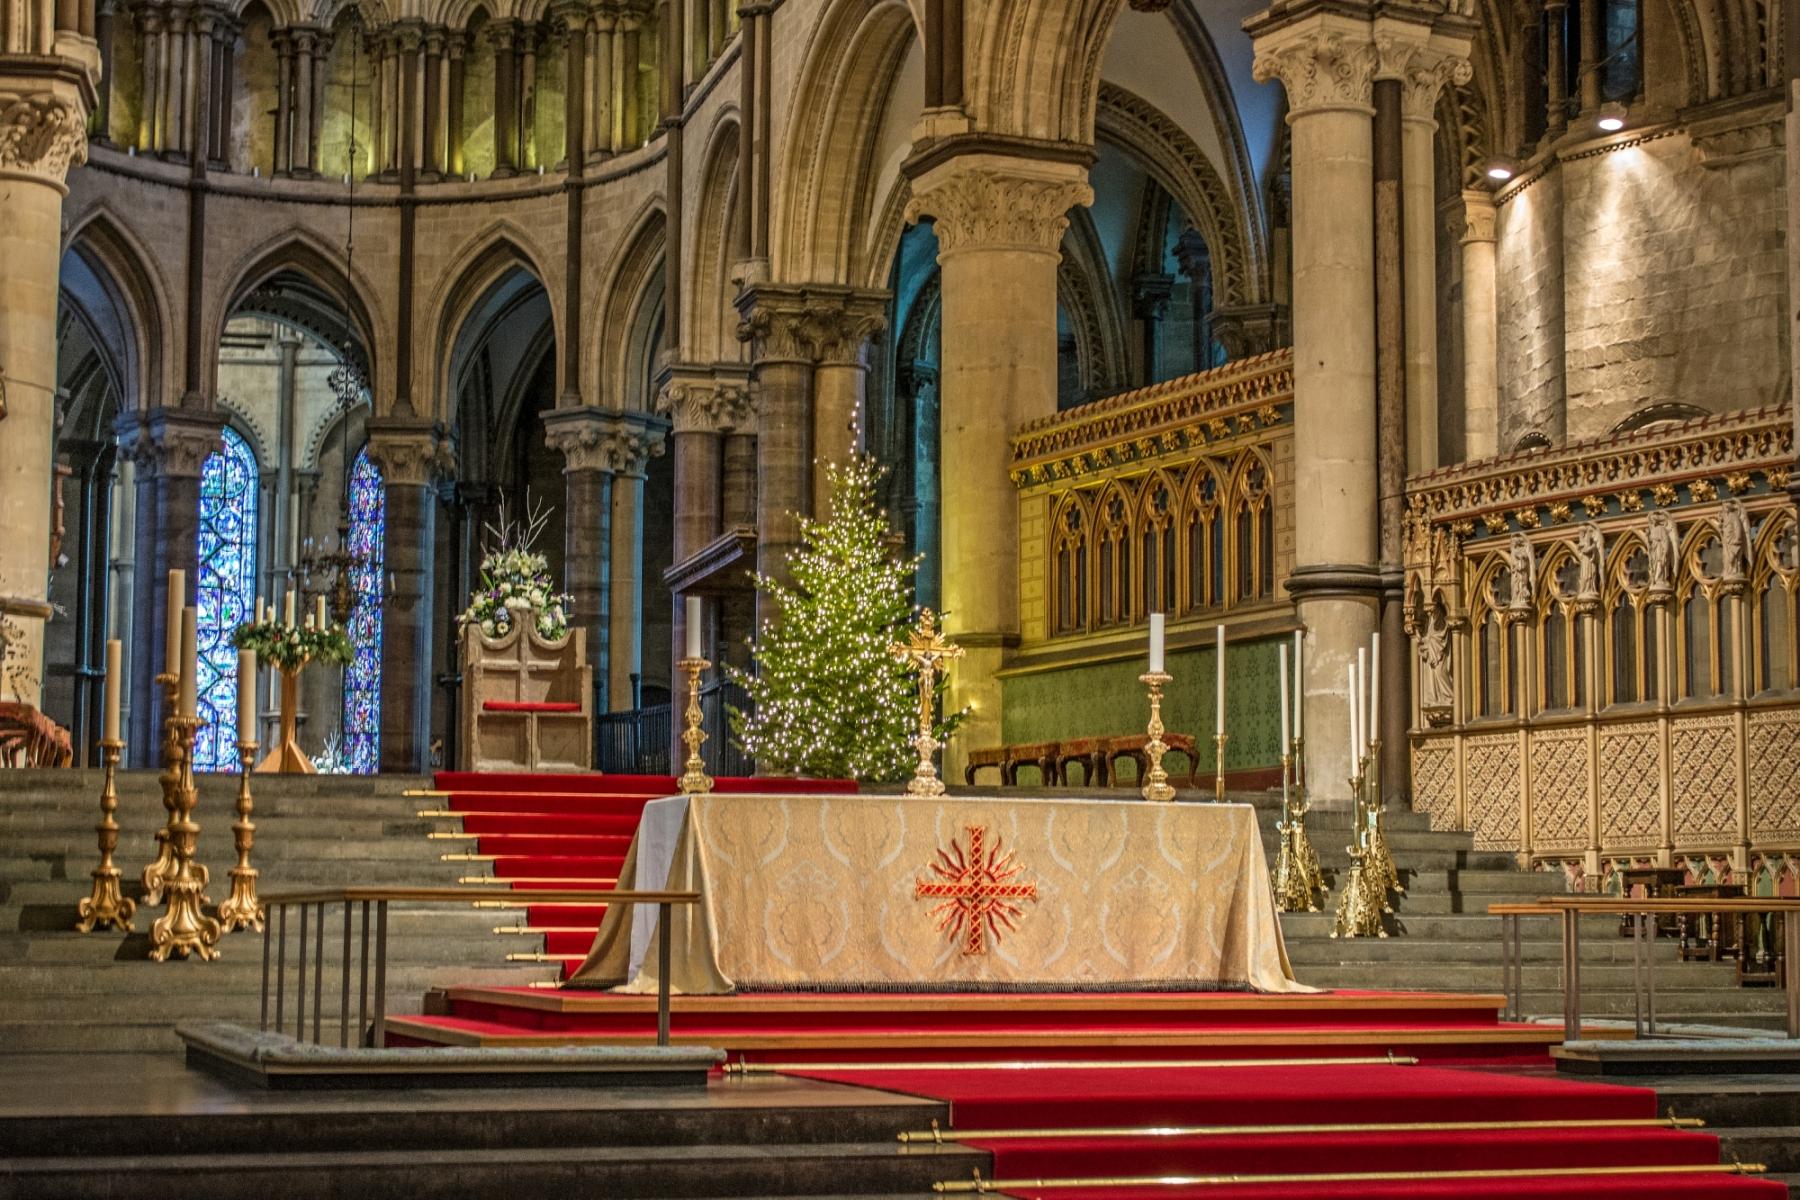 La catedral de Canterbury es conocida principalmente por sus vitrales de los siglos XII y XIII